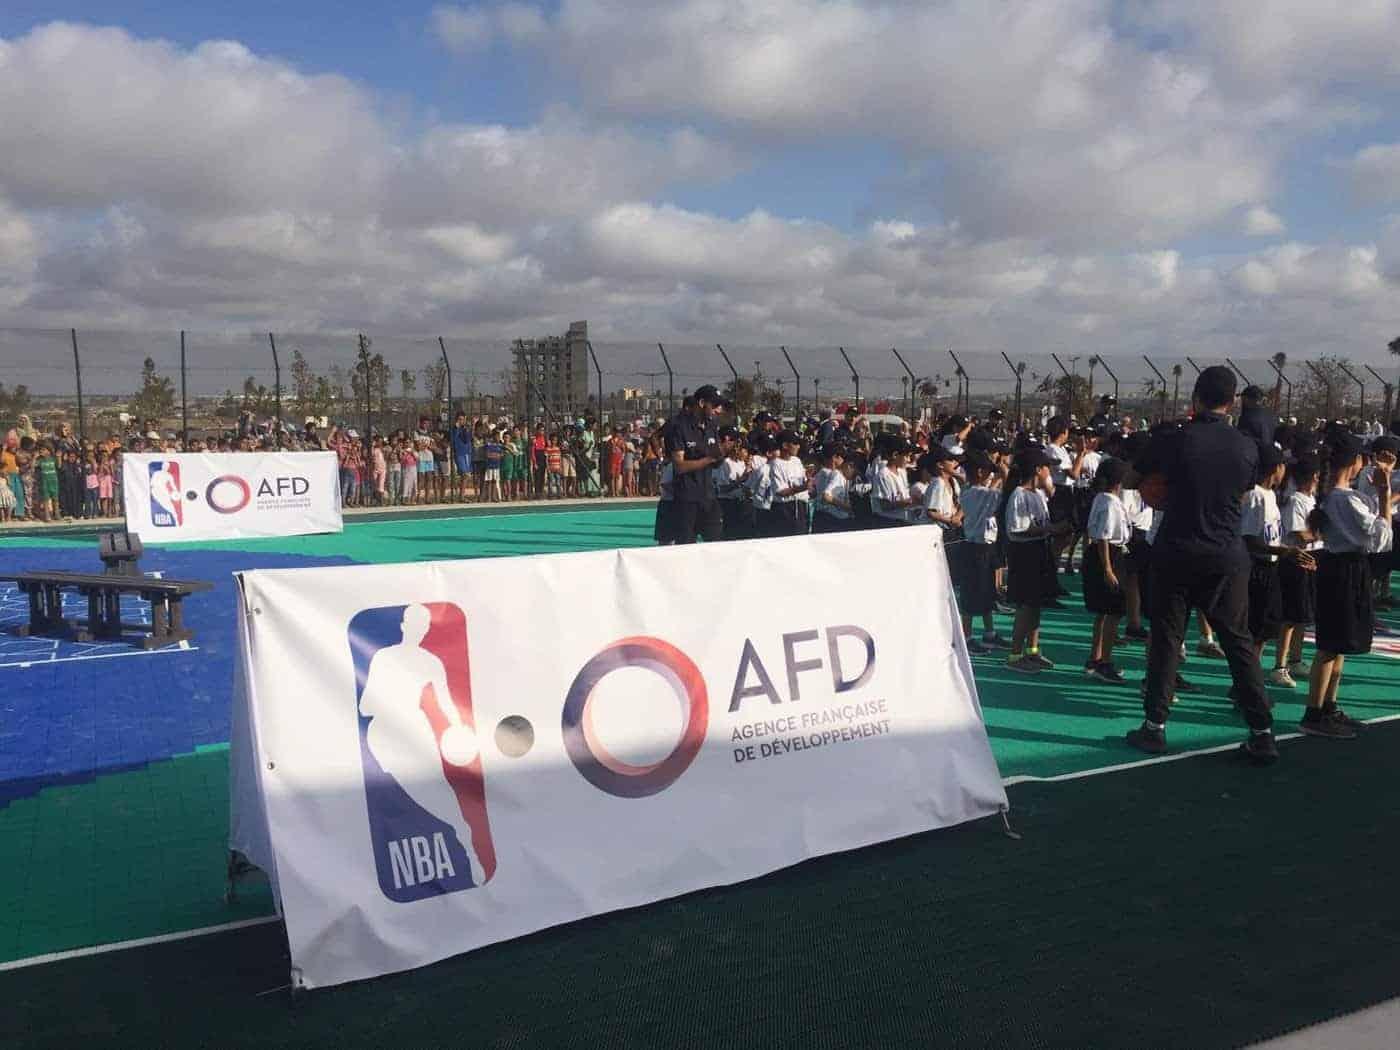 La NBA et l'AFD ont inauguré un terrain au Maroc